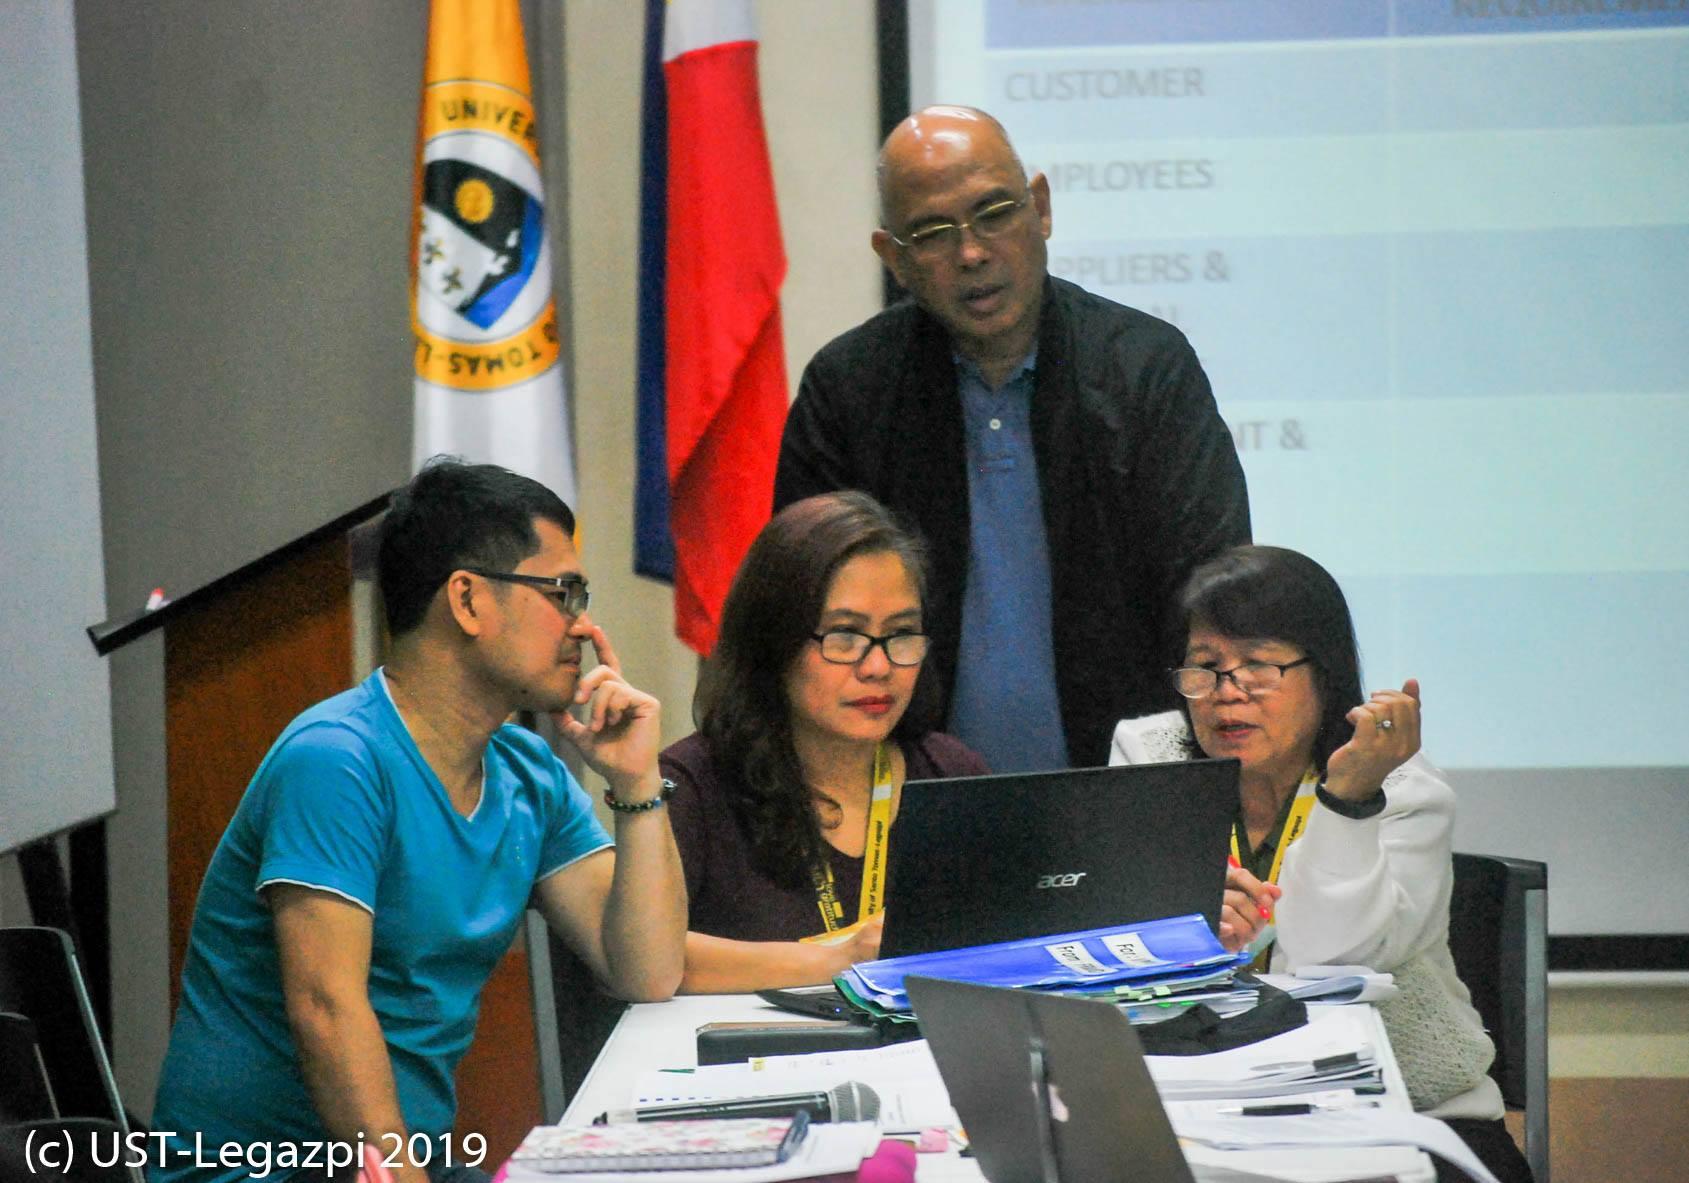 ISO 9001:2015 Documentation Training Workshop